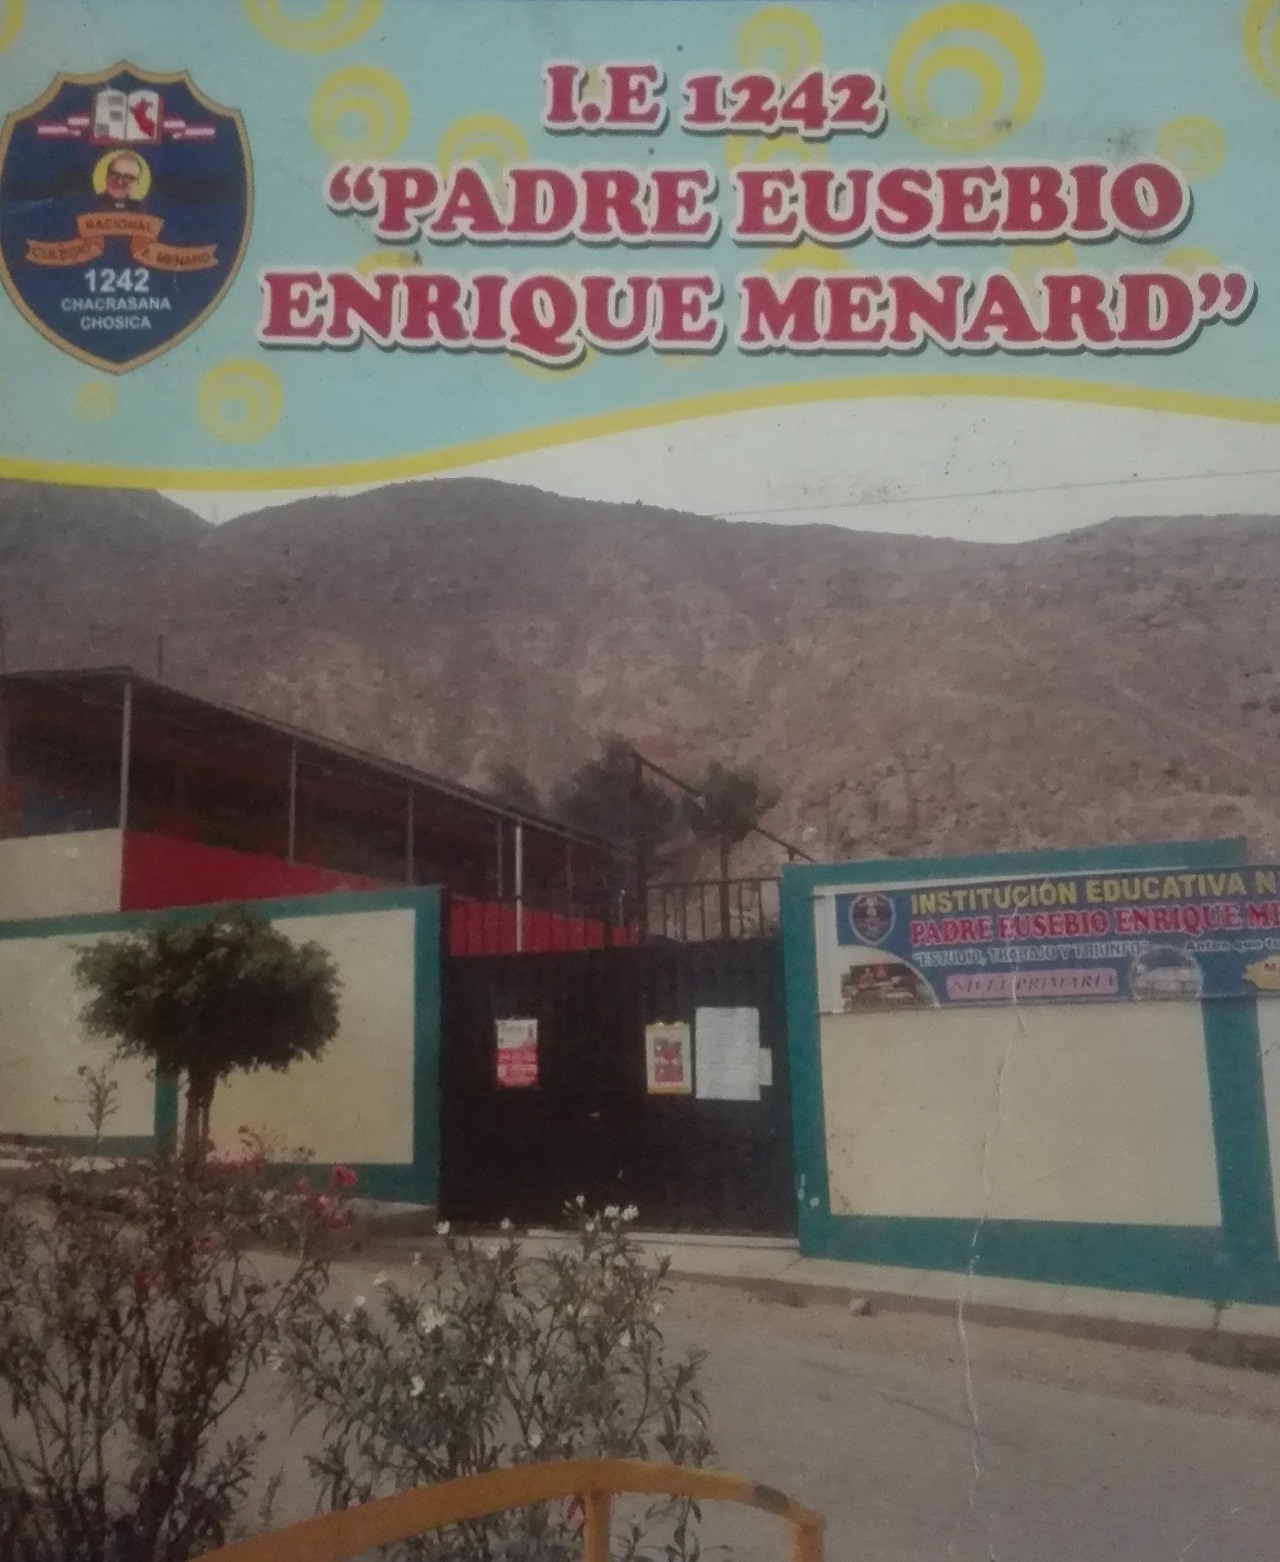 Escuela 1242 PADRE EUSEBIO ENRIQUE MENARD - Lurigancho